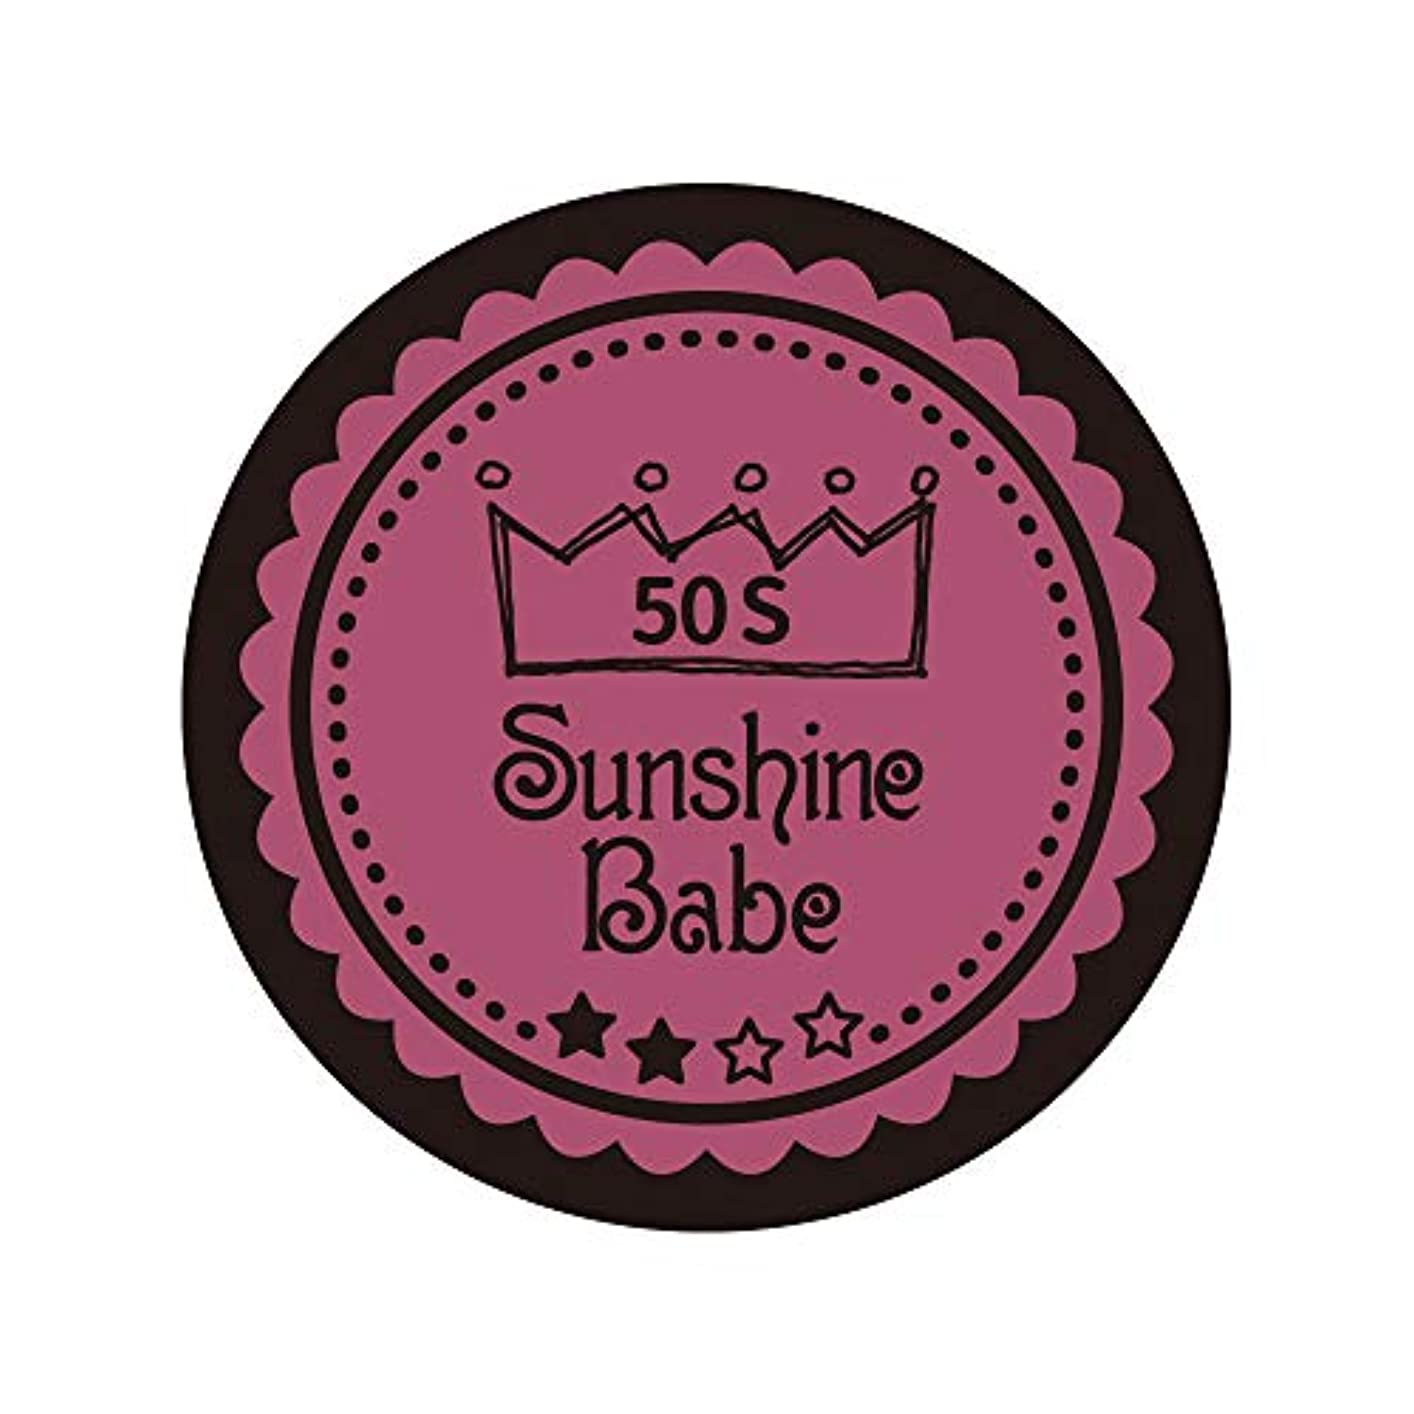 期間うまアトラスSunshine Babe カラージェル 50S ベイクドピンク 2.7g UV/LED対応